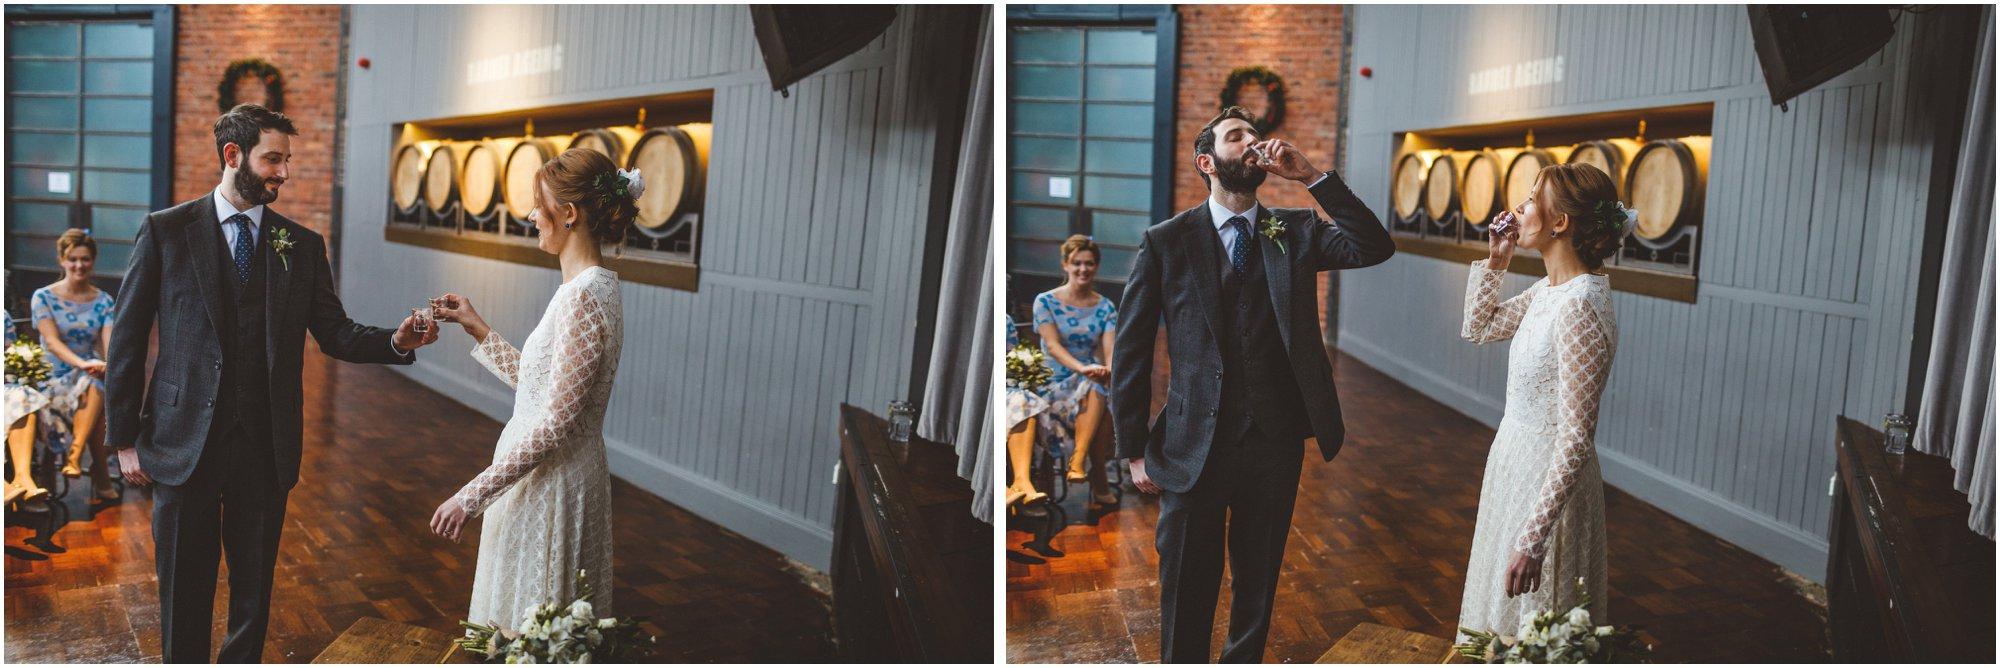 Wylam Brewery Wedding Newcastle_0050.jpg